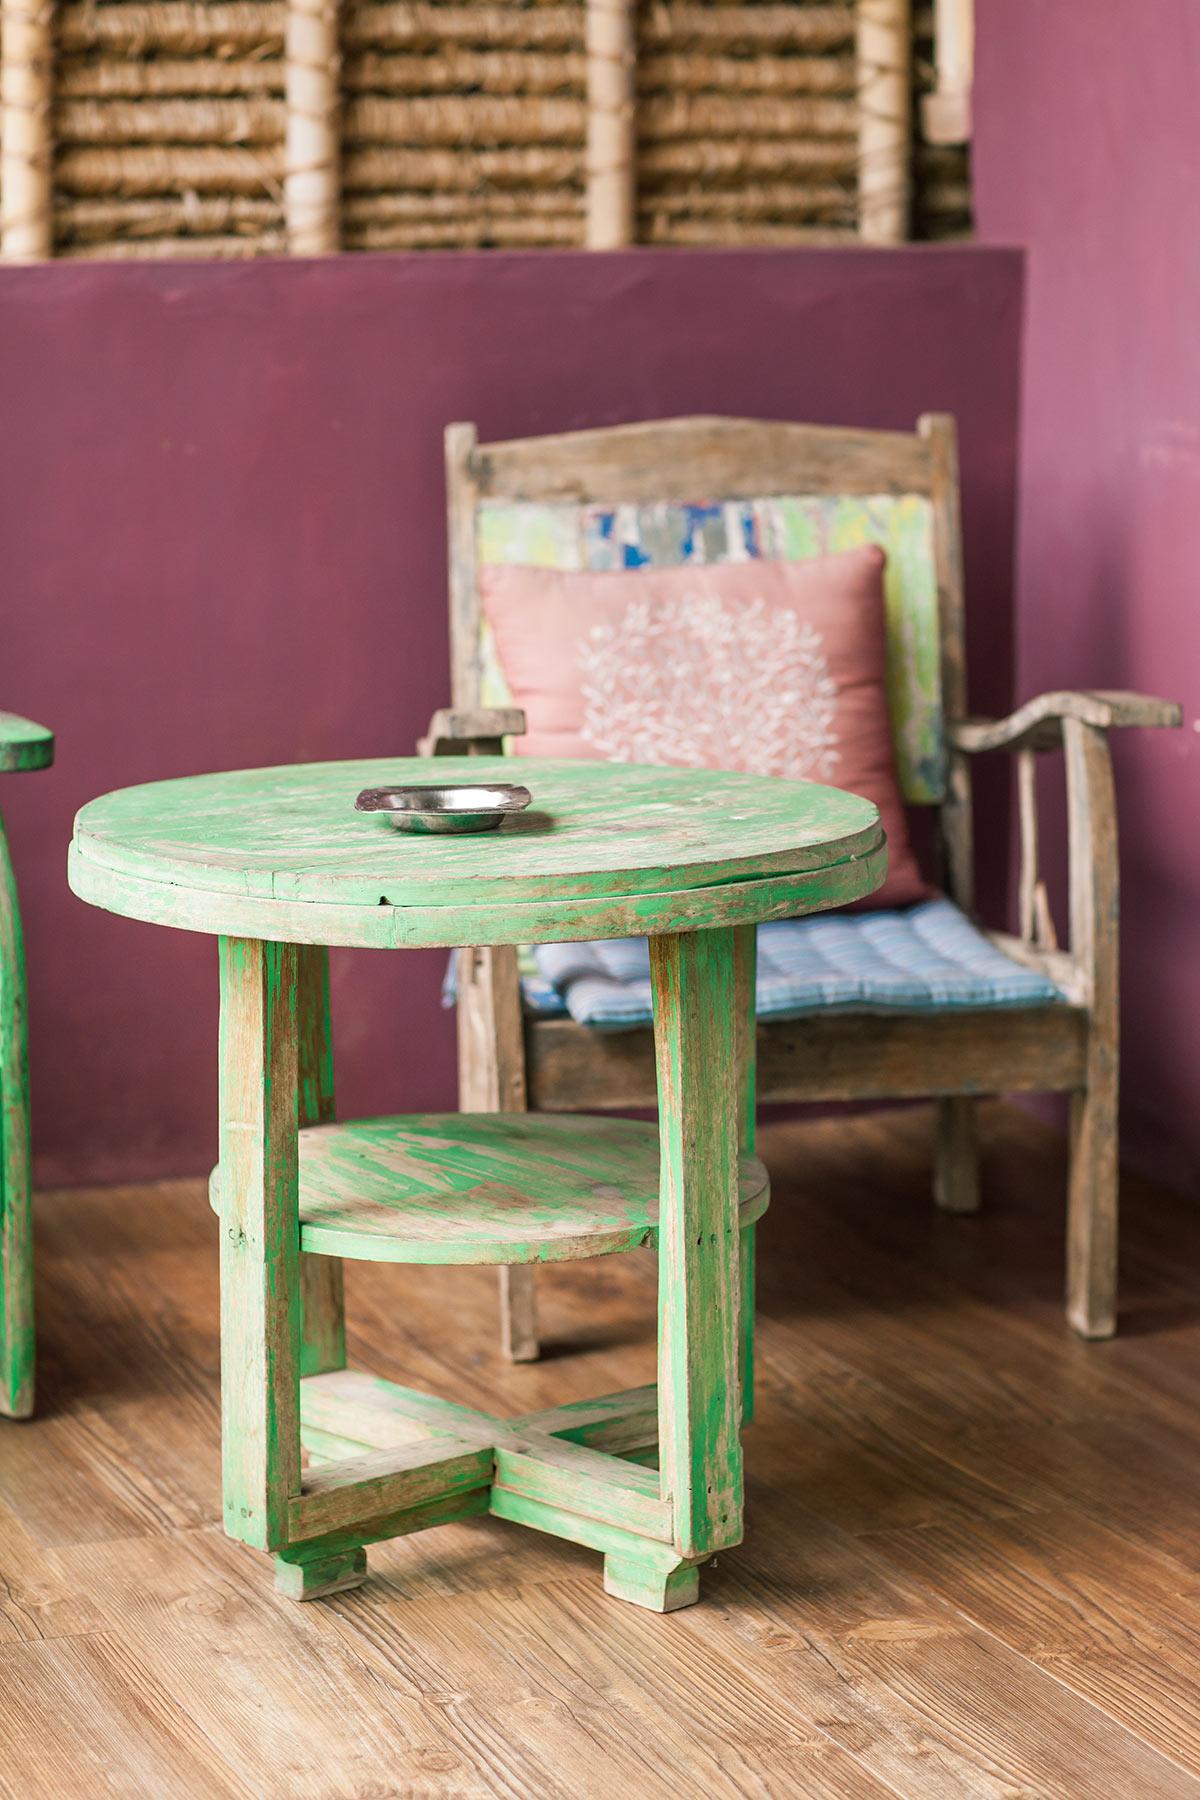 repeindre un vieux meuble en vert